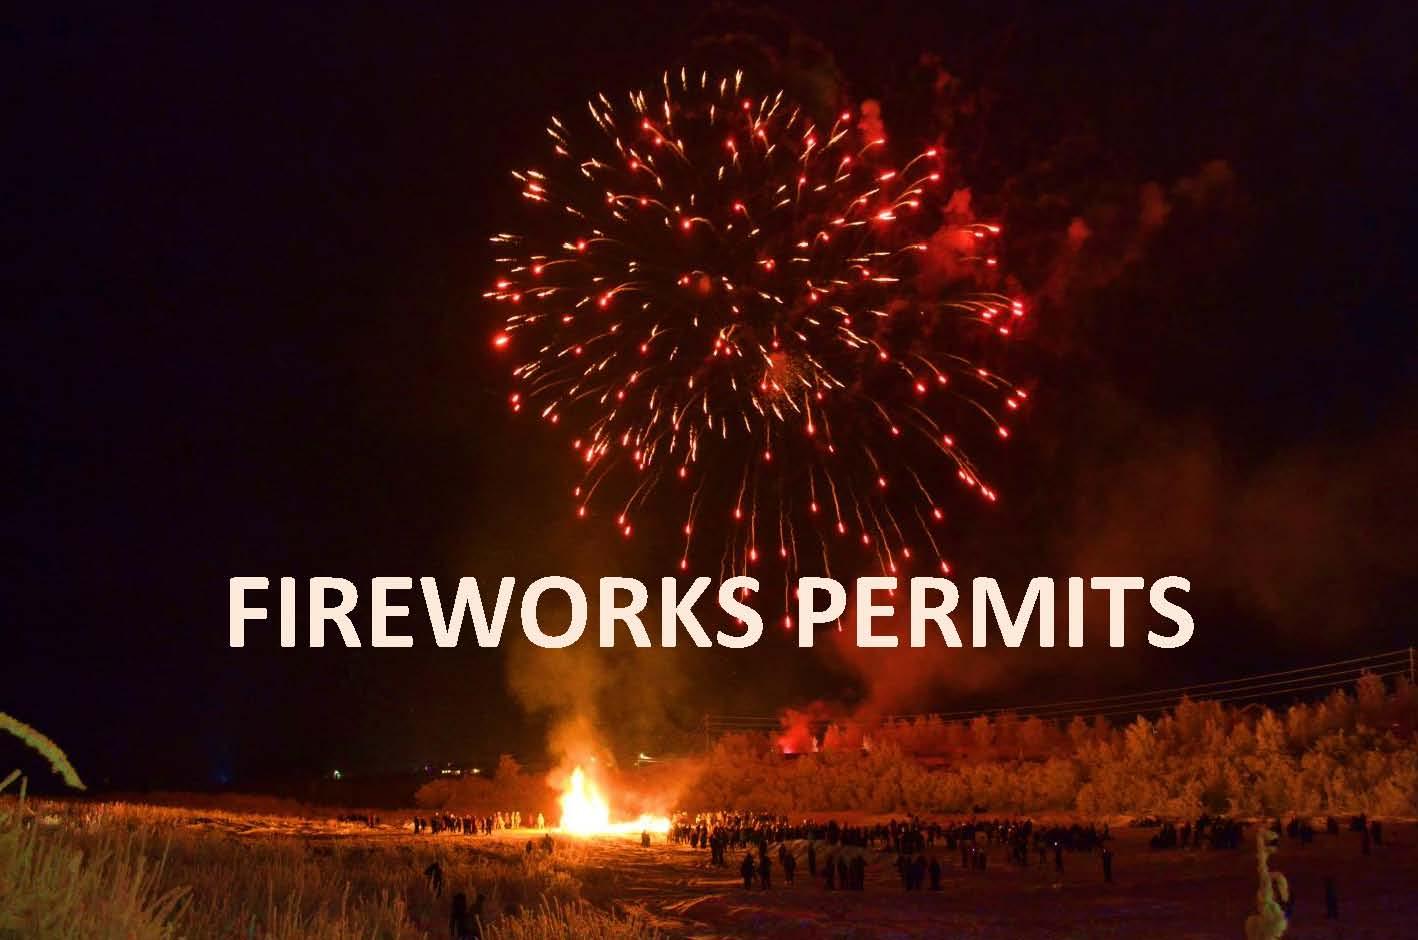 Fireworks Permits